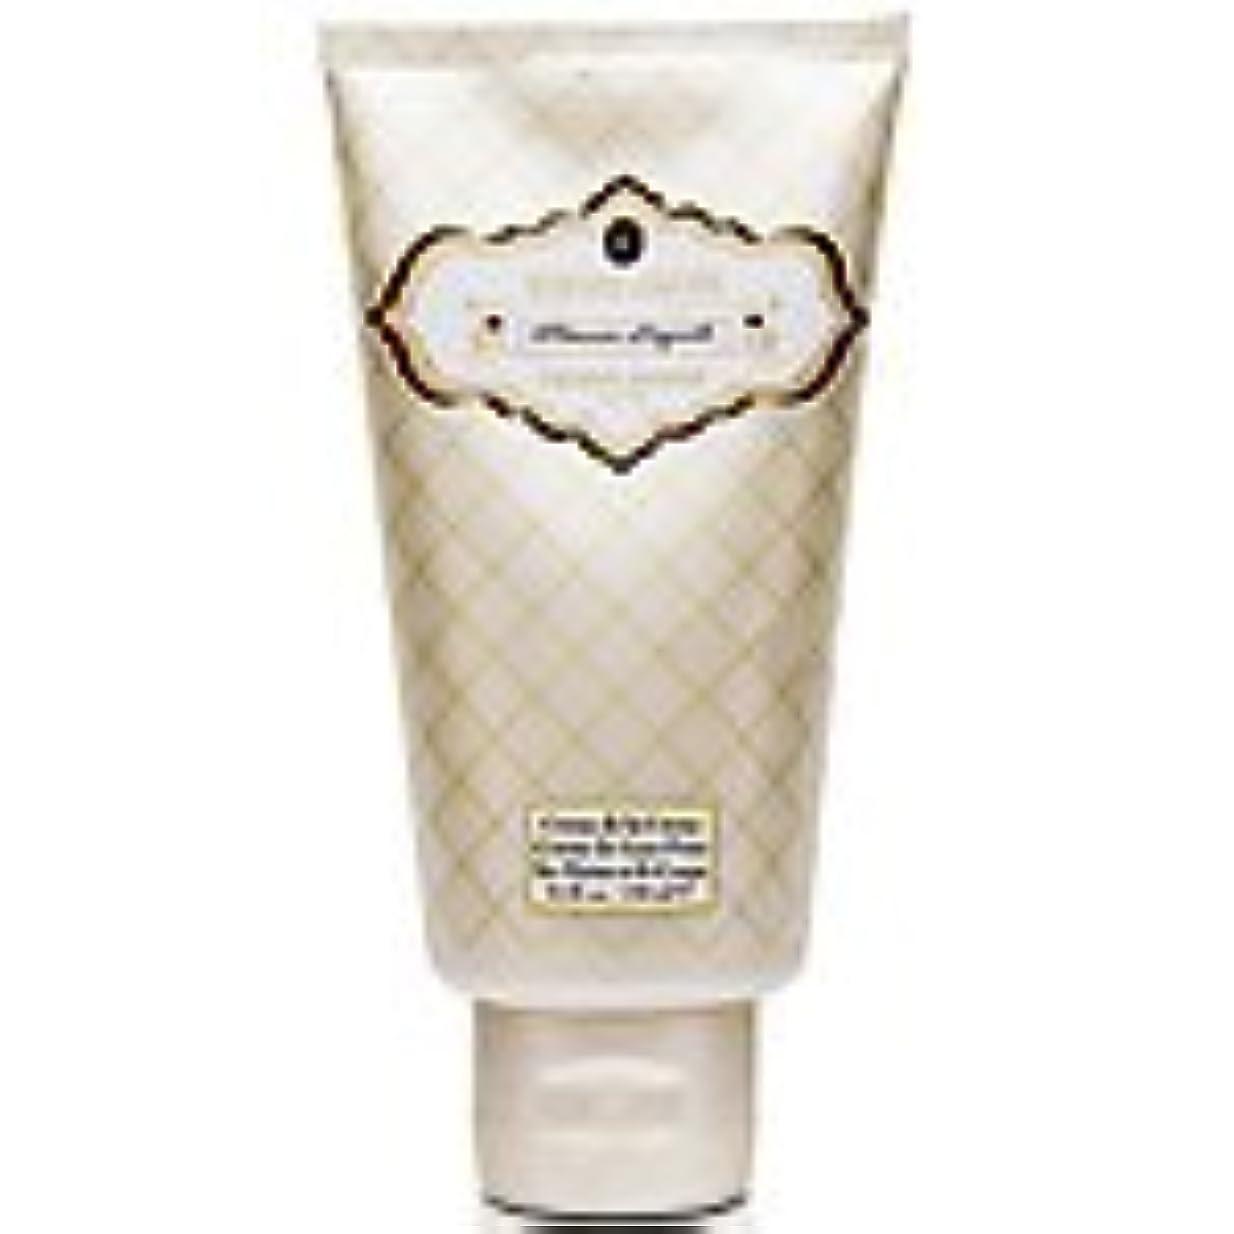 共和党悩む入浴Memoire Liquide Reserve - Amour Liquide (メモワールリキッドリザーブ - アモアーリキッド) 5.1 oz (153ml) Body Cream for Unisex